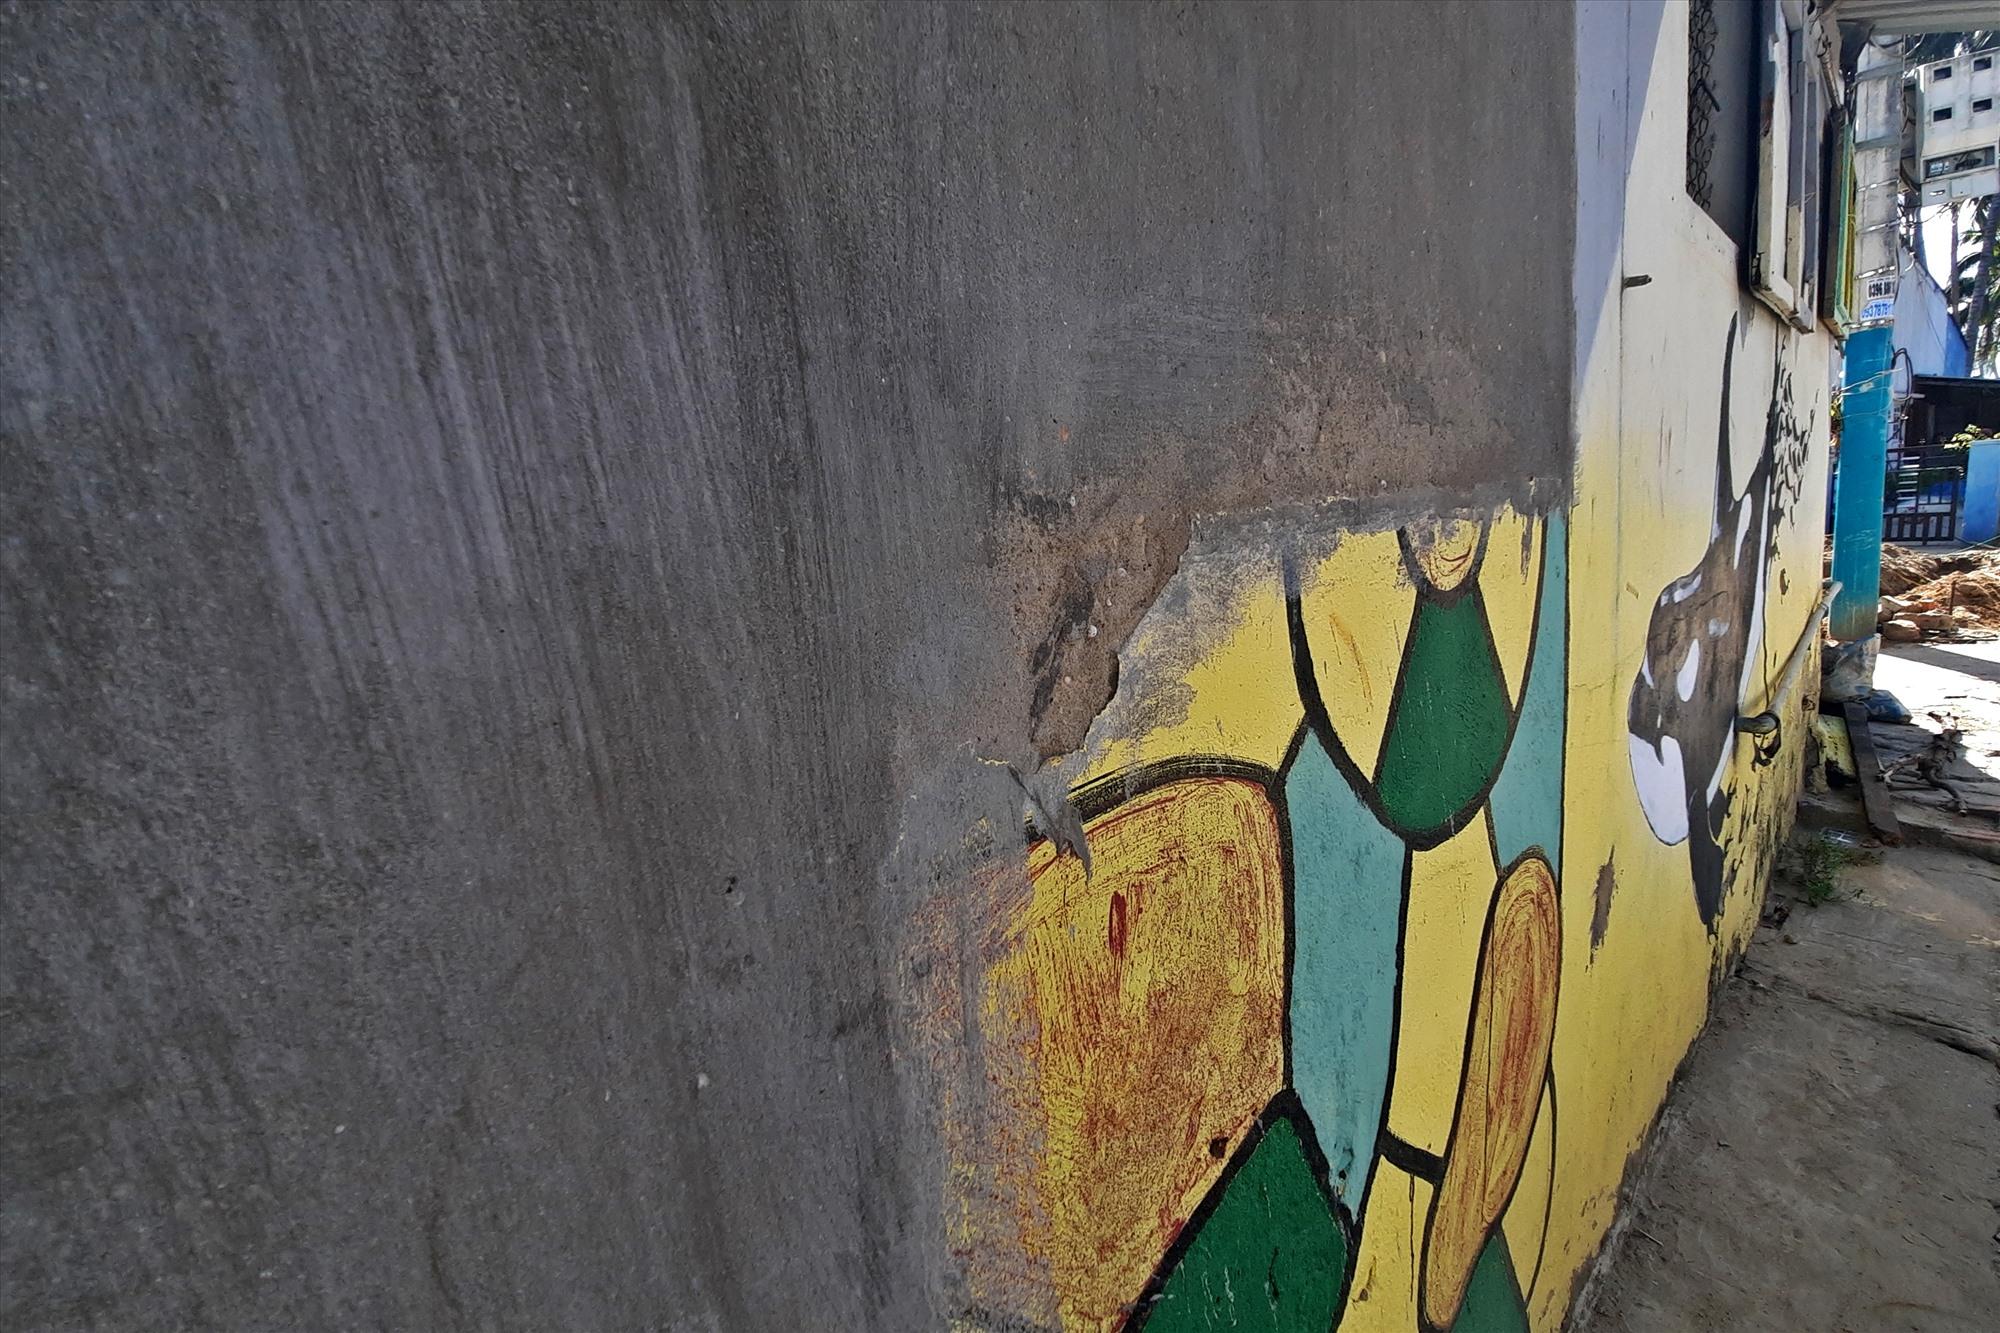 Nhiều bức bích họa đã bị phá hỏng khi người dân sửa chữa nhà cửa.